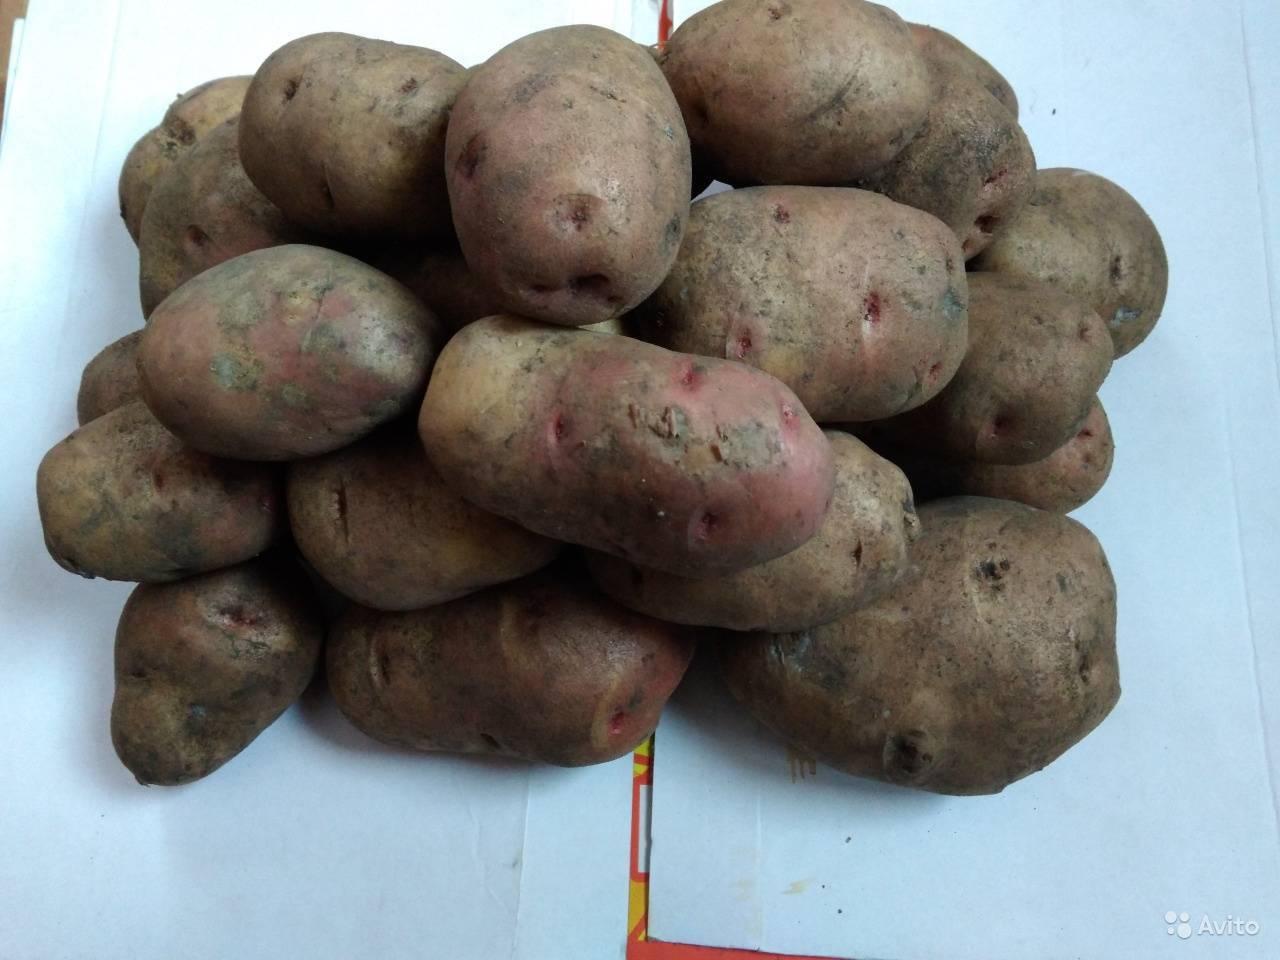 Картофель славянка: описание сорта, фото, отзывы, посадка, выращивание, уход